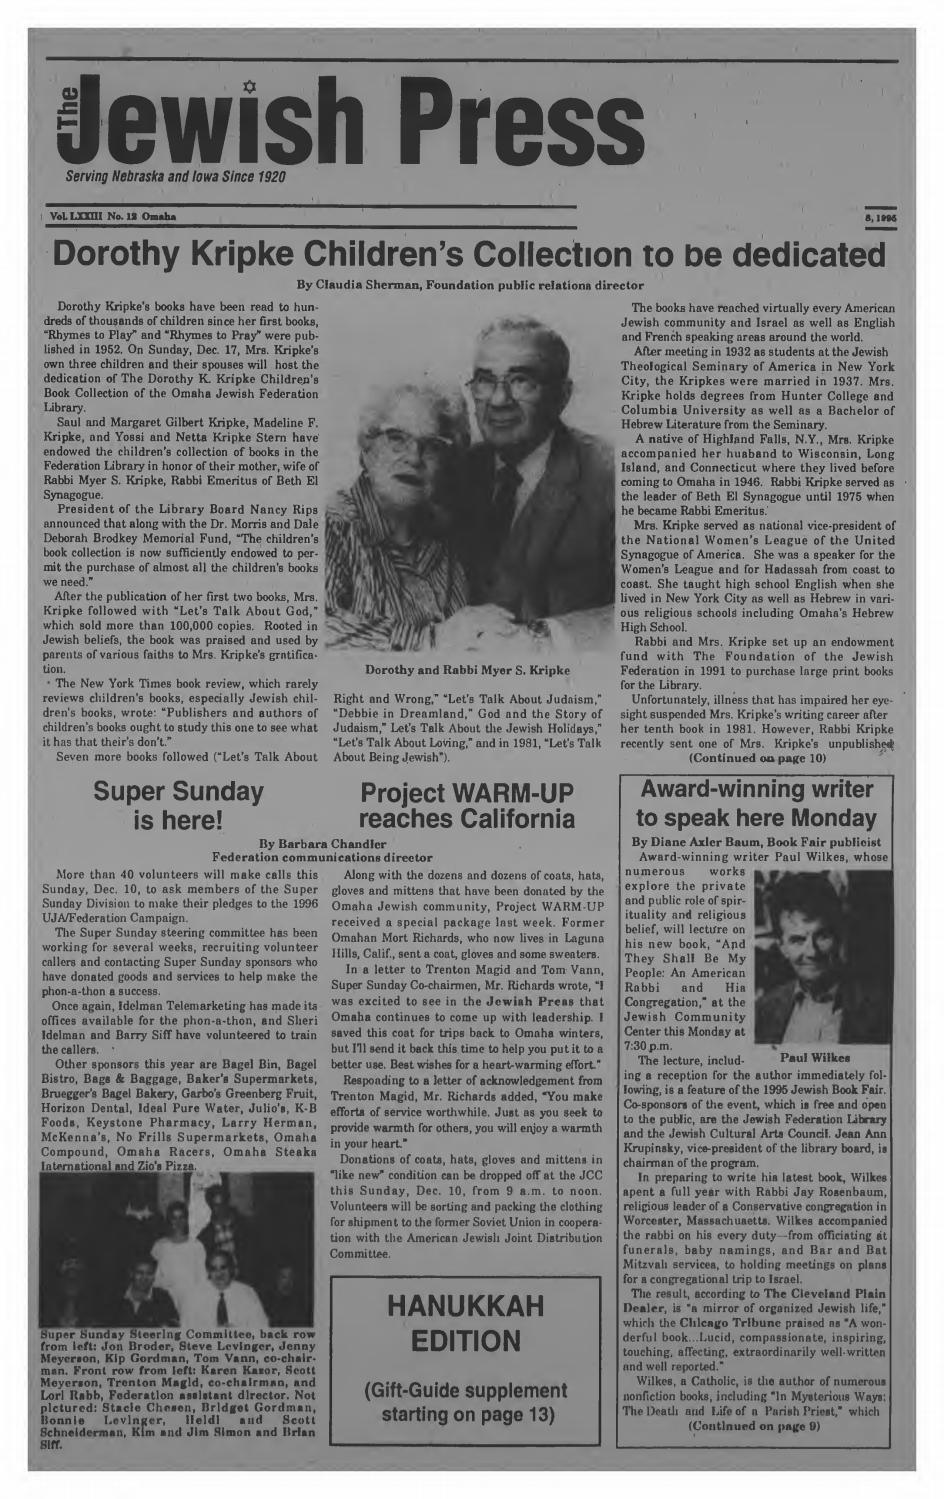 December 8, 1995: Hanukkah Edition